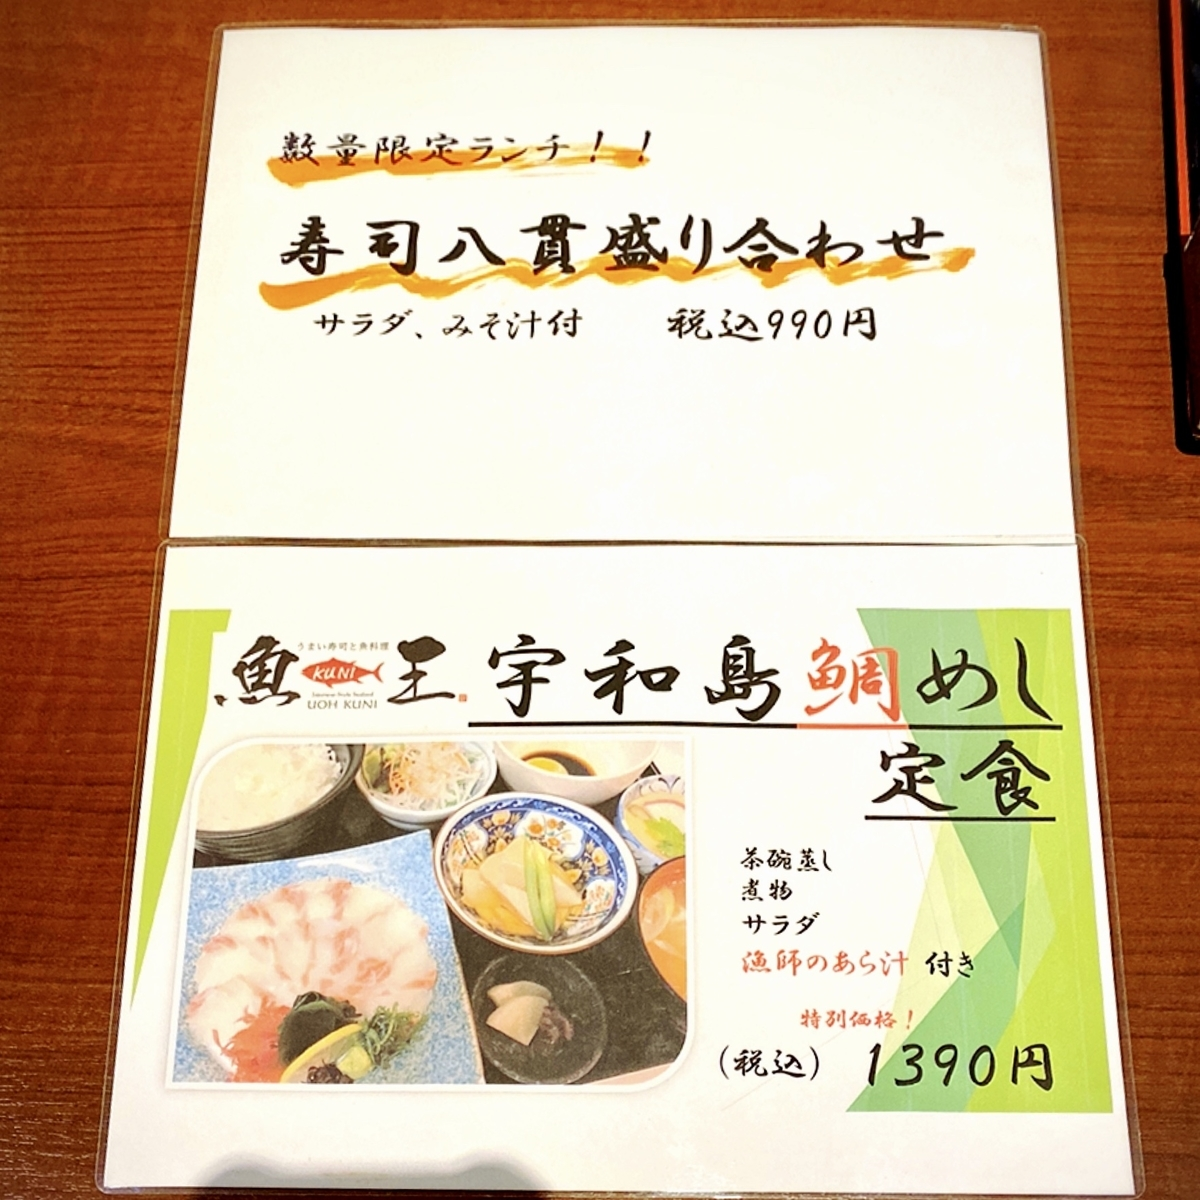 「魚王KUNI 吉祥寺」のメニューと値段1